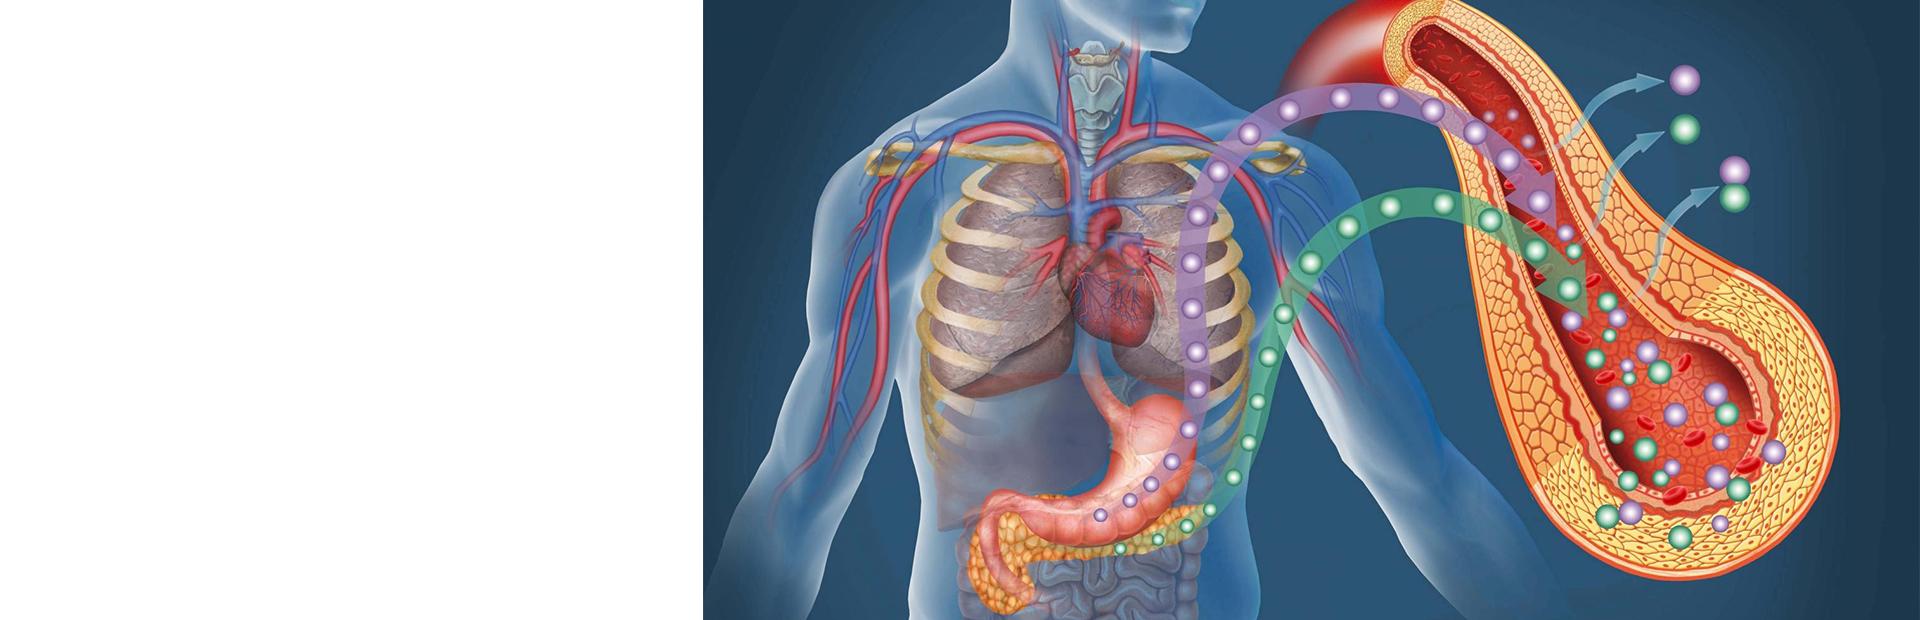 Оценка эндокринной функции поджелудочной железы